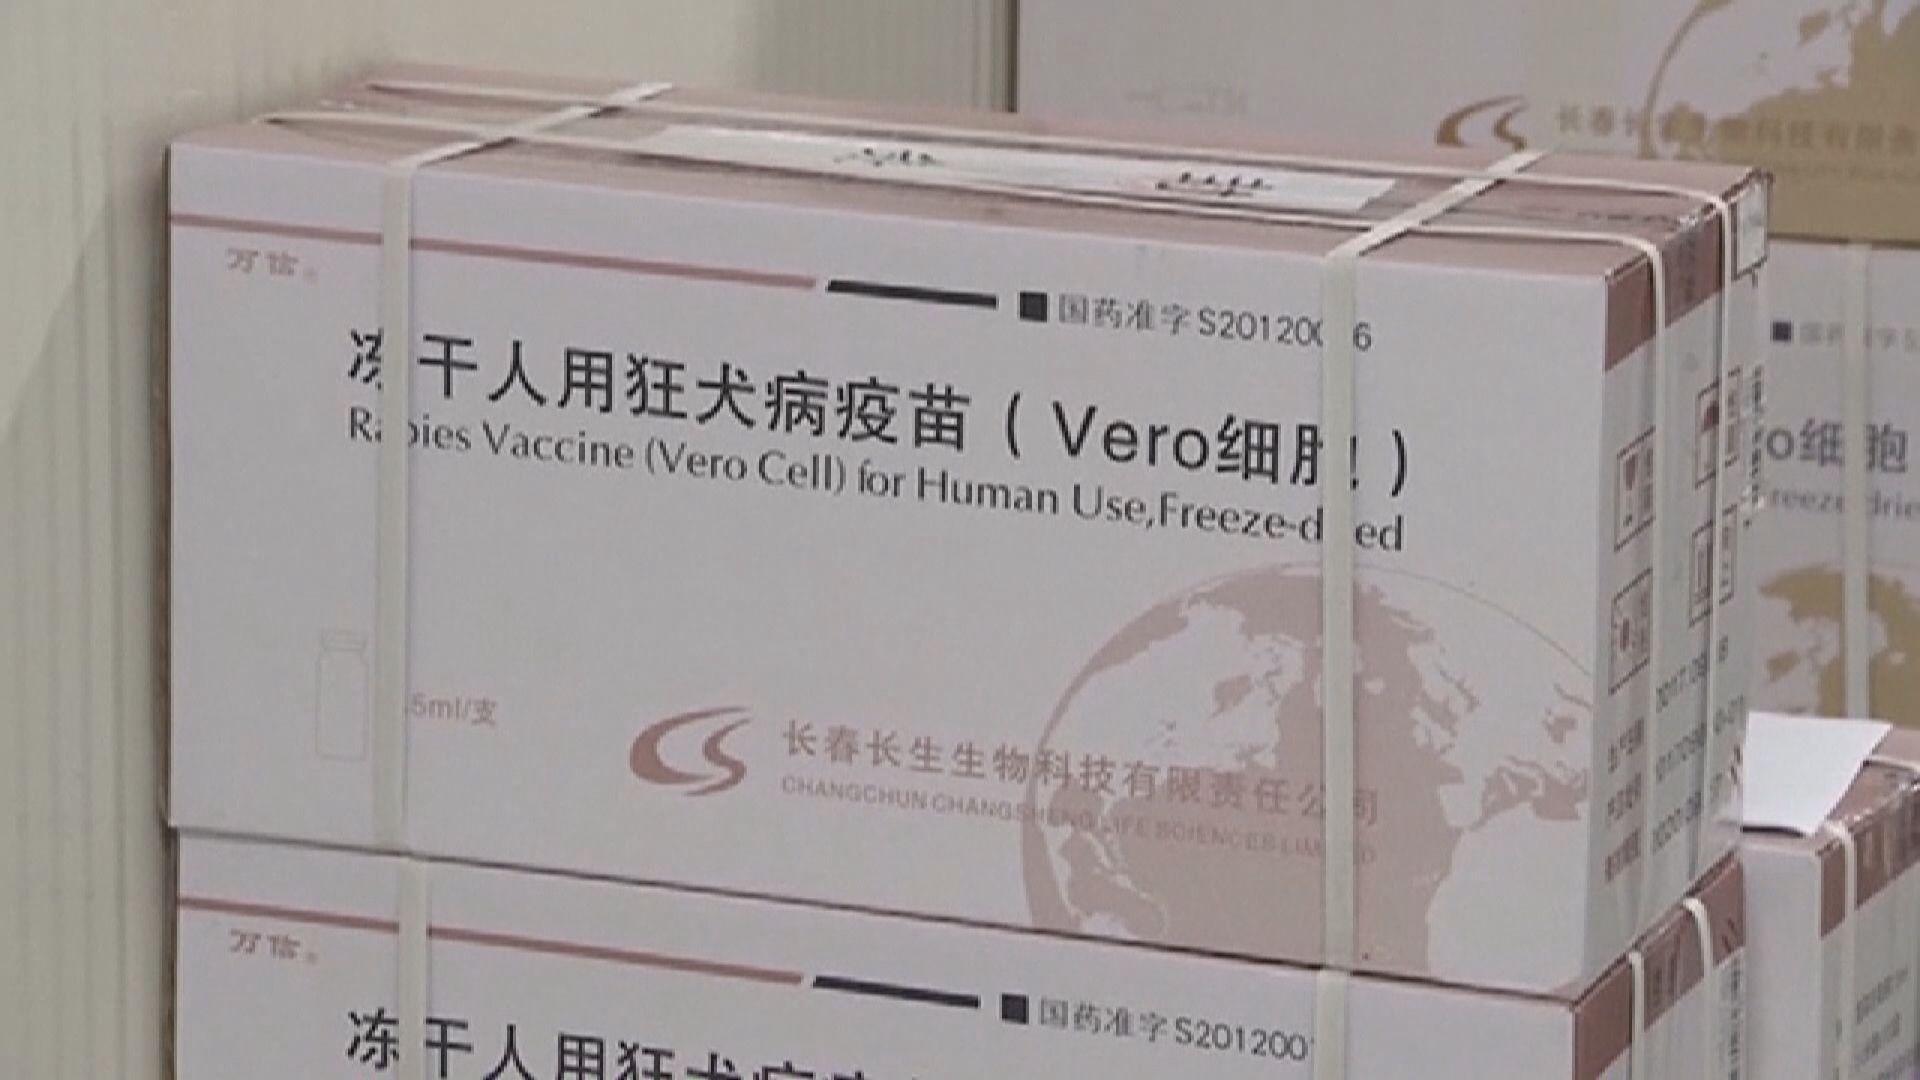 長春長生涉製問題疫苗被罰巨款